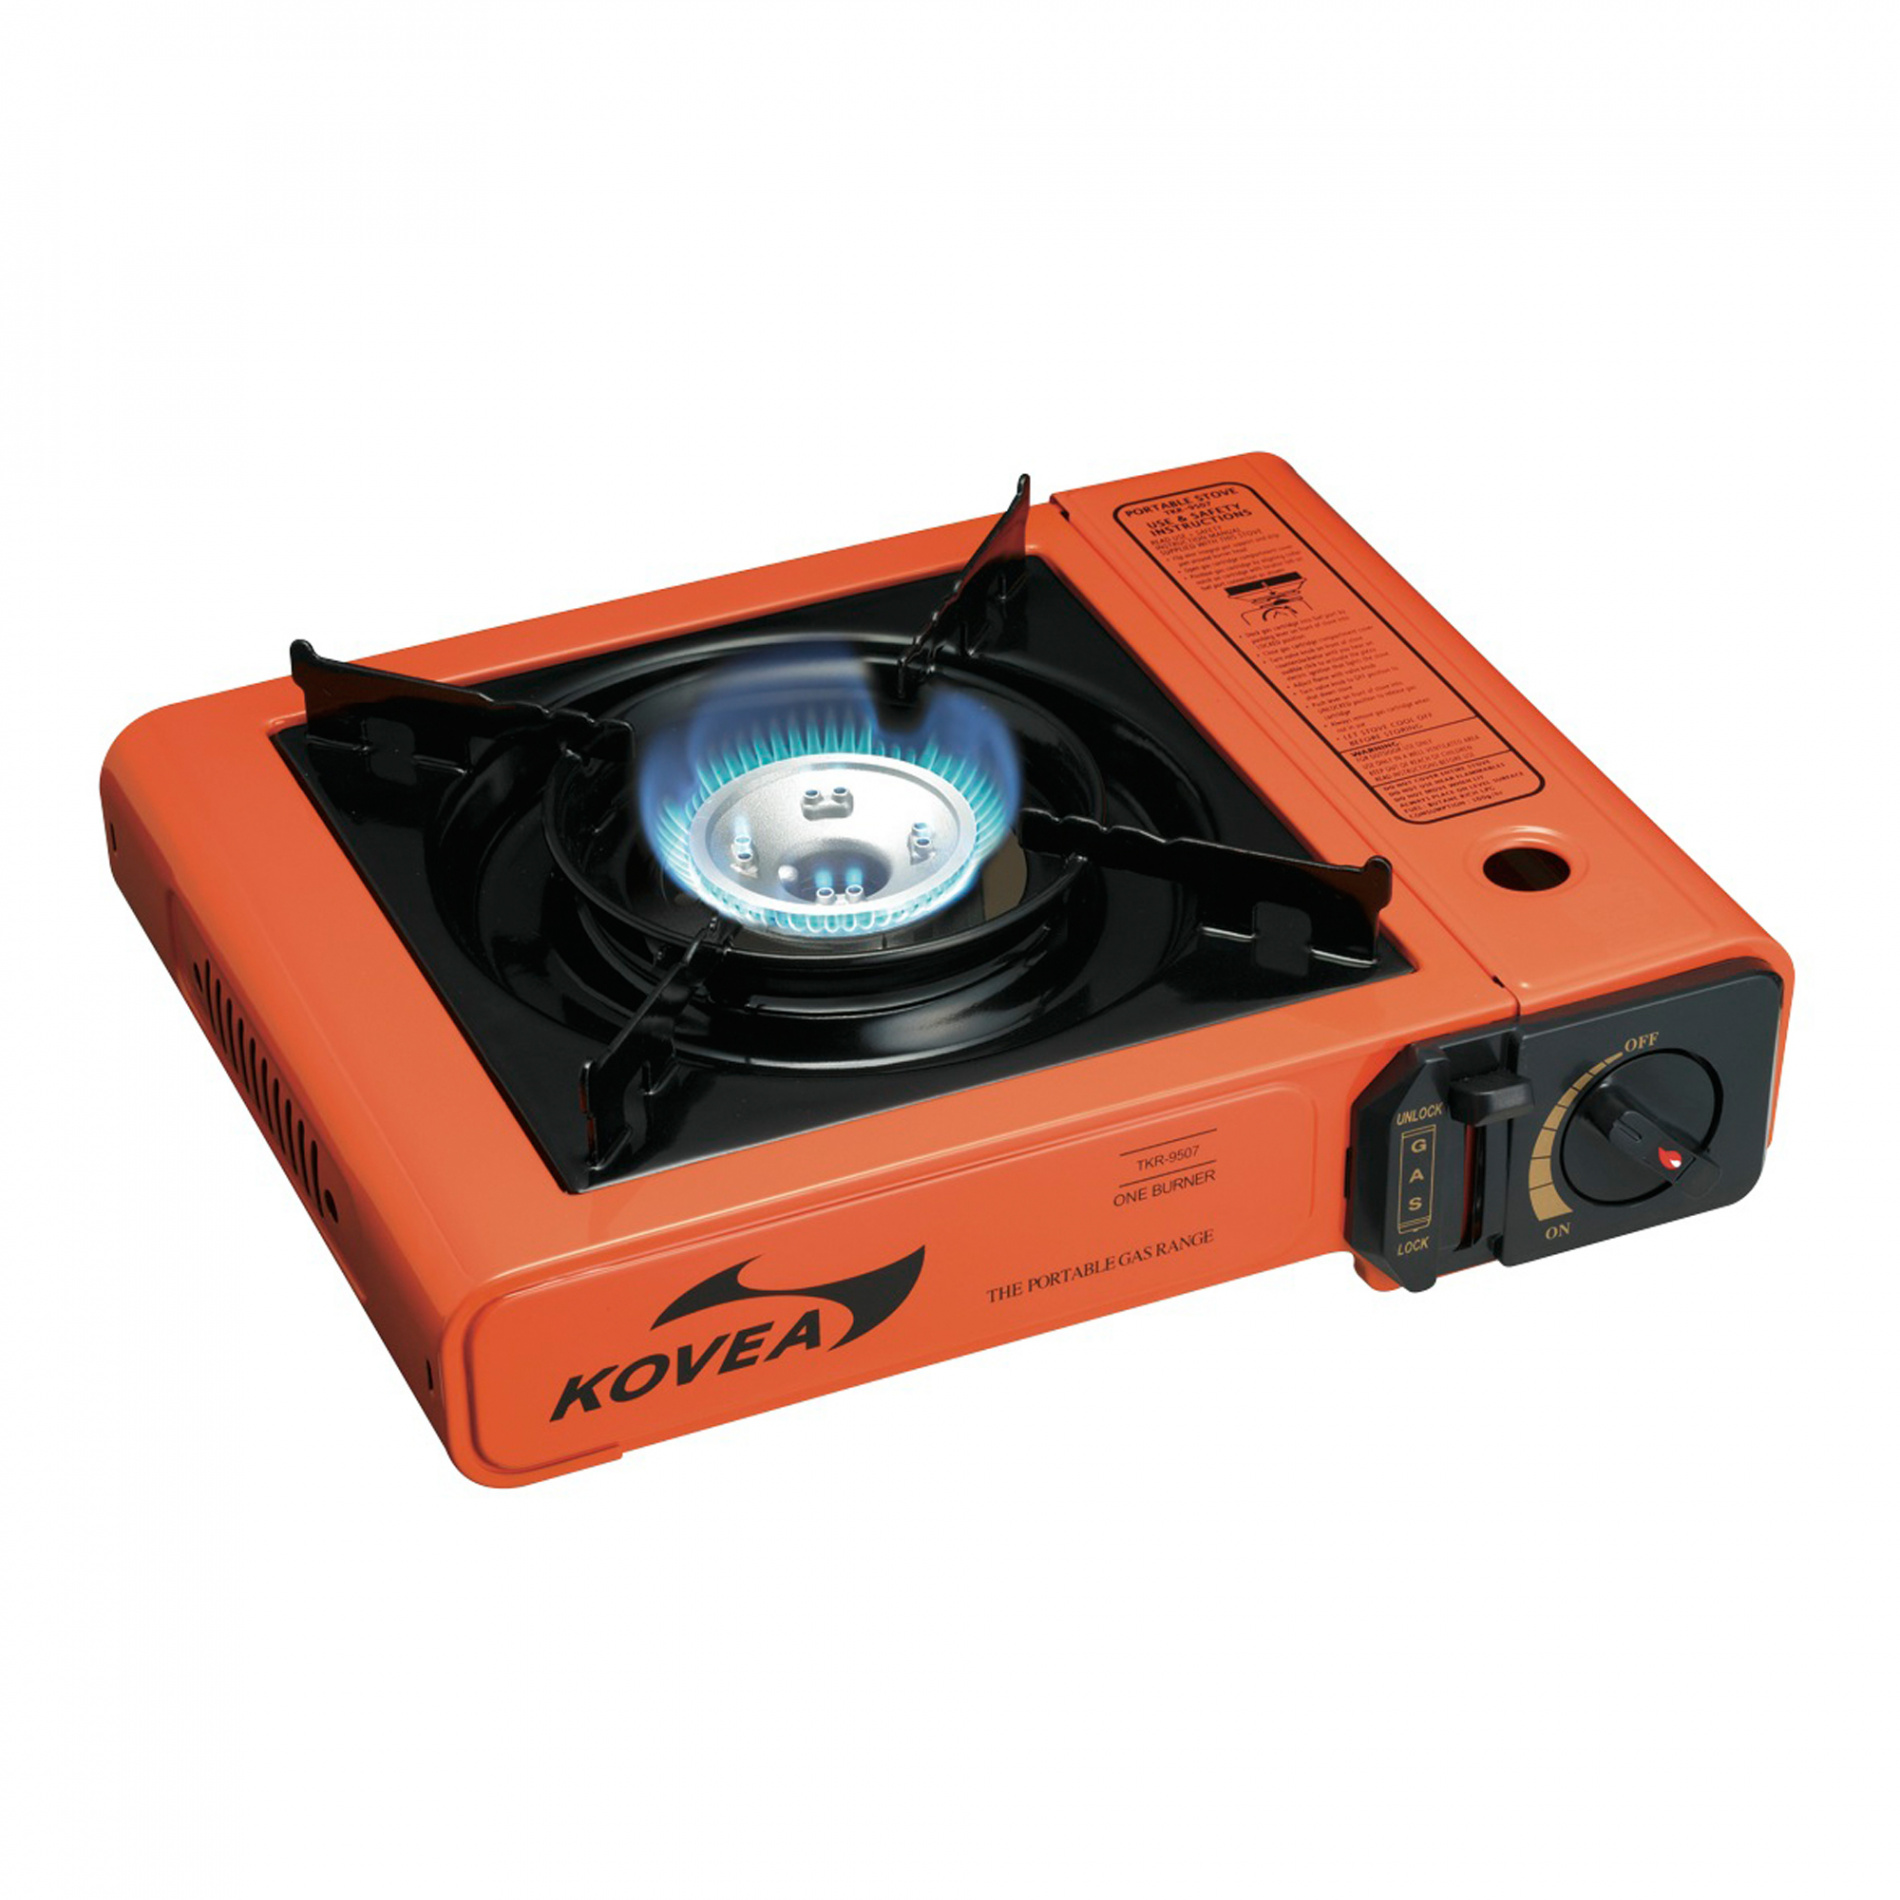 Плита газовая Kovea TKR-9507Плиты<br>Классическая модель одноконфорочной портативной <br>плитки. Благодаря удобству использования <br>и демократичной цене, она является самой <br>популярной моделью. Многие люди, столкнувшиеся <br>с отключением электричества, и те, кто просто <br>любит путешествовать с комфортом, всегда <br>имеют у себя на даче или в машине портативную <br>плитку и запас газовых баллонов. Плита надежна, <br>предельно проста в использовании и не имеет <br>ломающихся деталей. Имеет пъезоподжиг, <br>упаковывается в удобный пластиковый кейс. <br>Работает от цангового баллона 220 г, который <br>помещается внутри плиты. Комплектация: <br>Газовая плита, пластиковый кейс, инструкция <br>по эксплуатации. Модель TKR-9507 Вес 1800 г Расход <br>топлива 160 г/ч Размер упаковки 380x105x350 мм <br>Диаметр конфорки 28 см Пъезоэлемент есть<br>